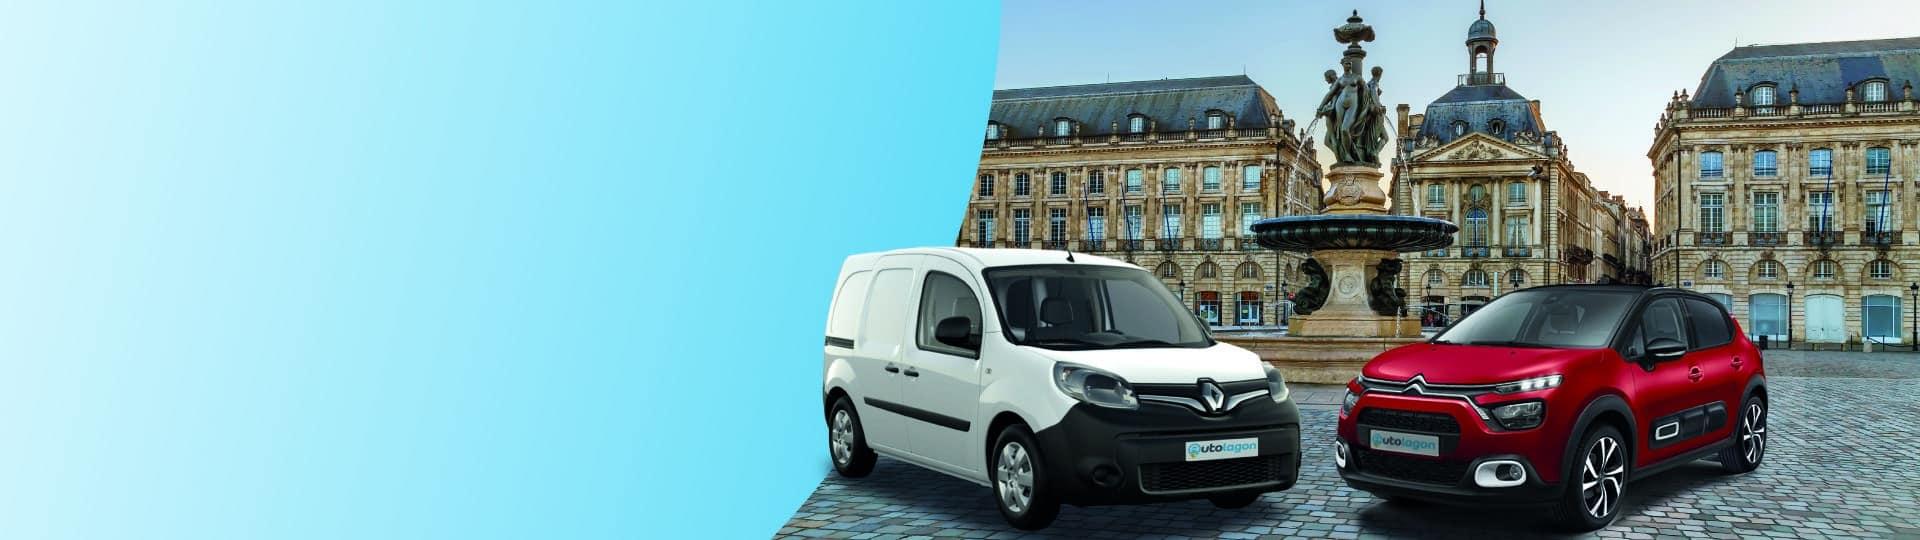 Réservez votre voiture de location au meilleur prix à Bordeaux Barrière